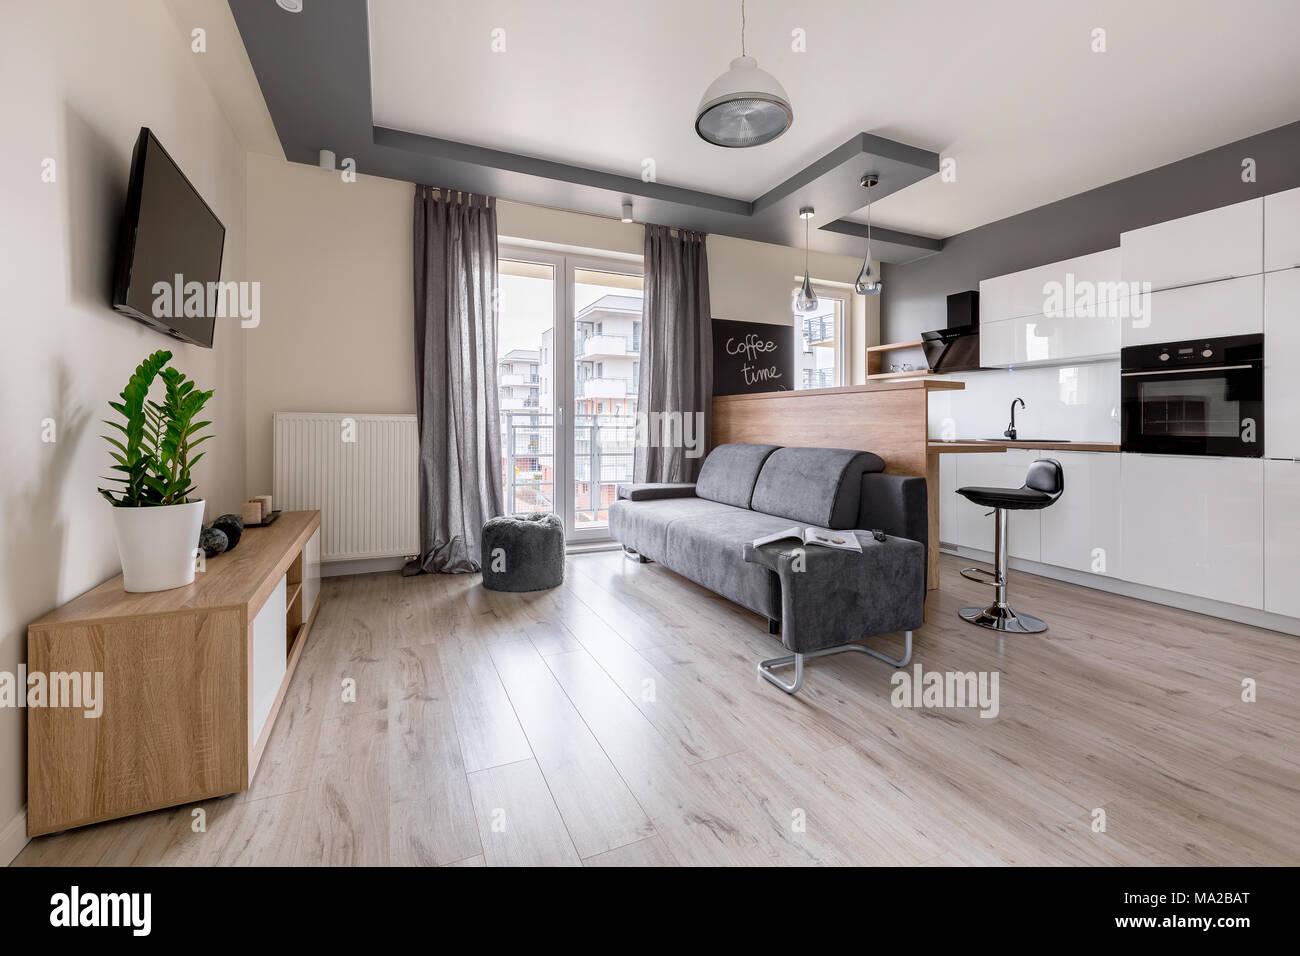 Modernes Apartment mit tv Wohnzimmer und offene Küche Stockfoto ...